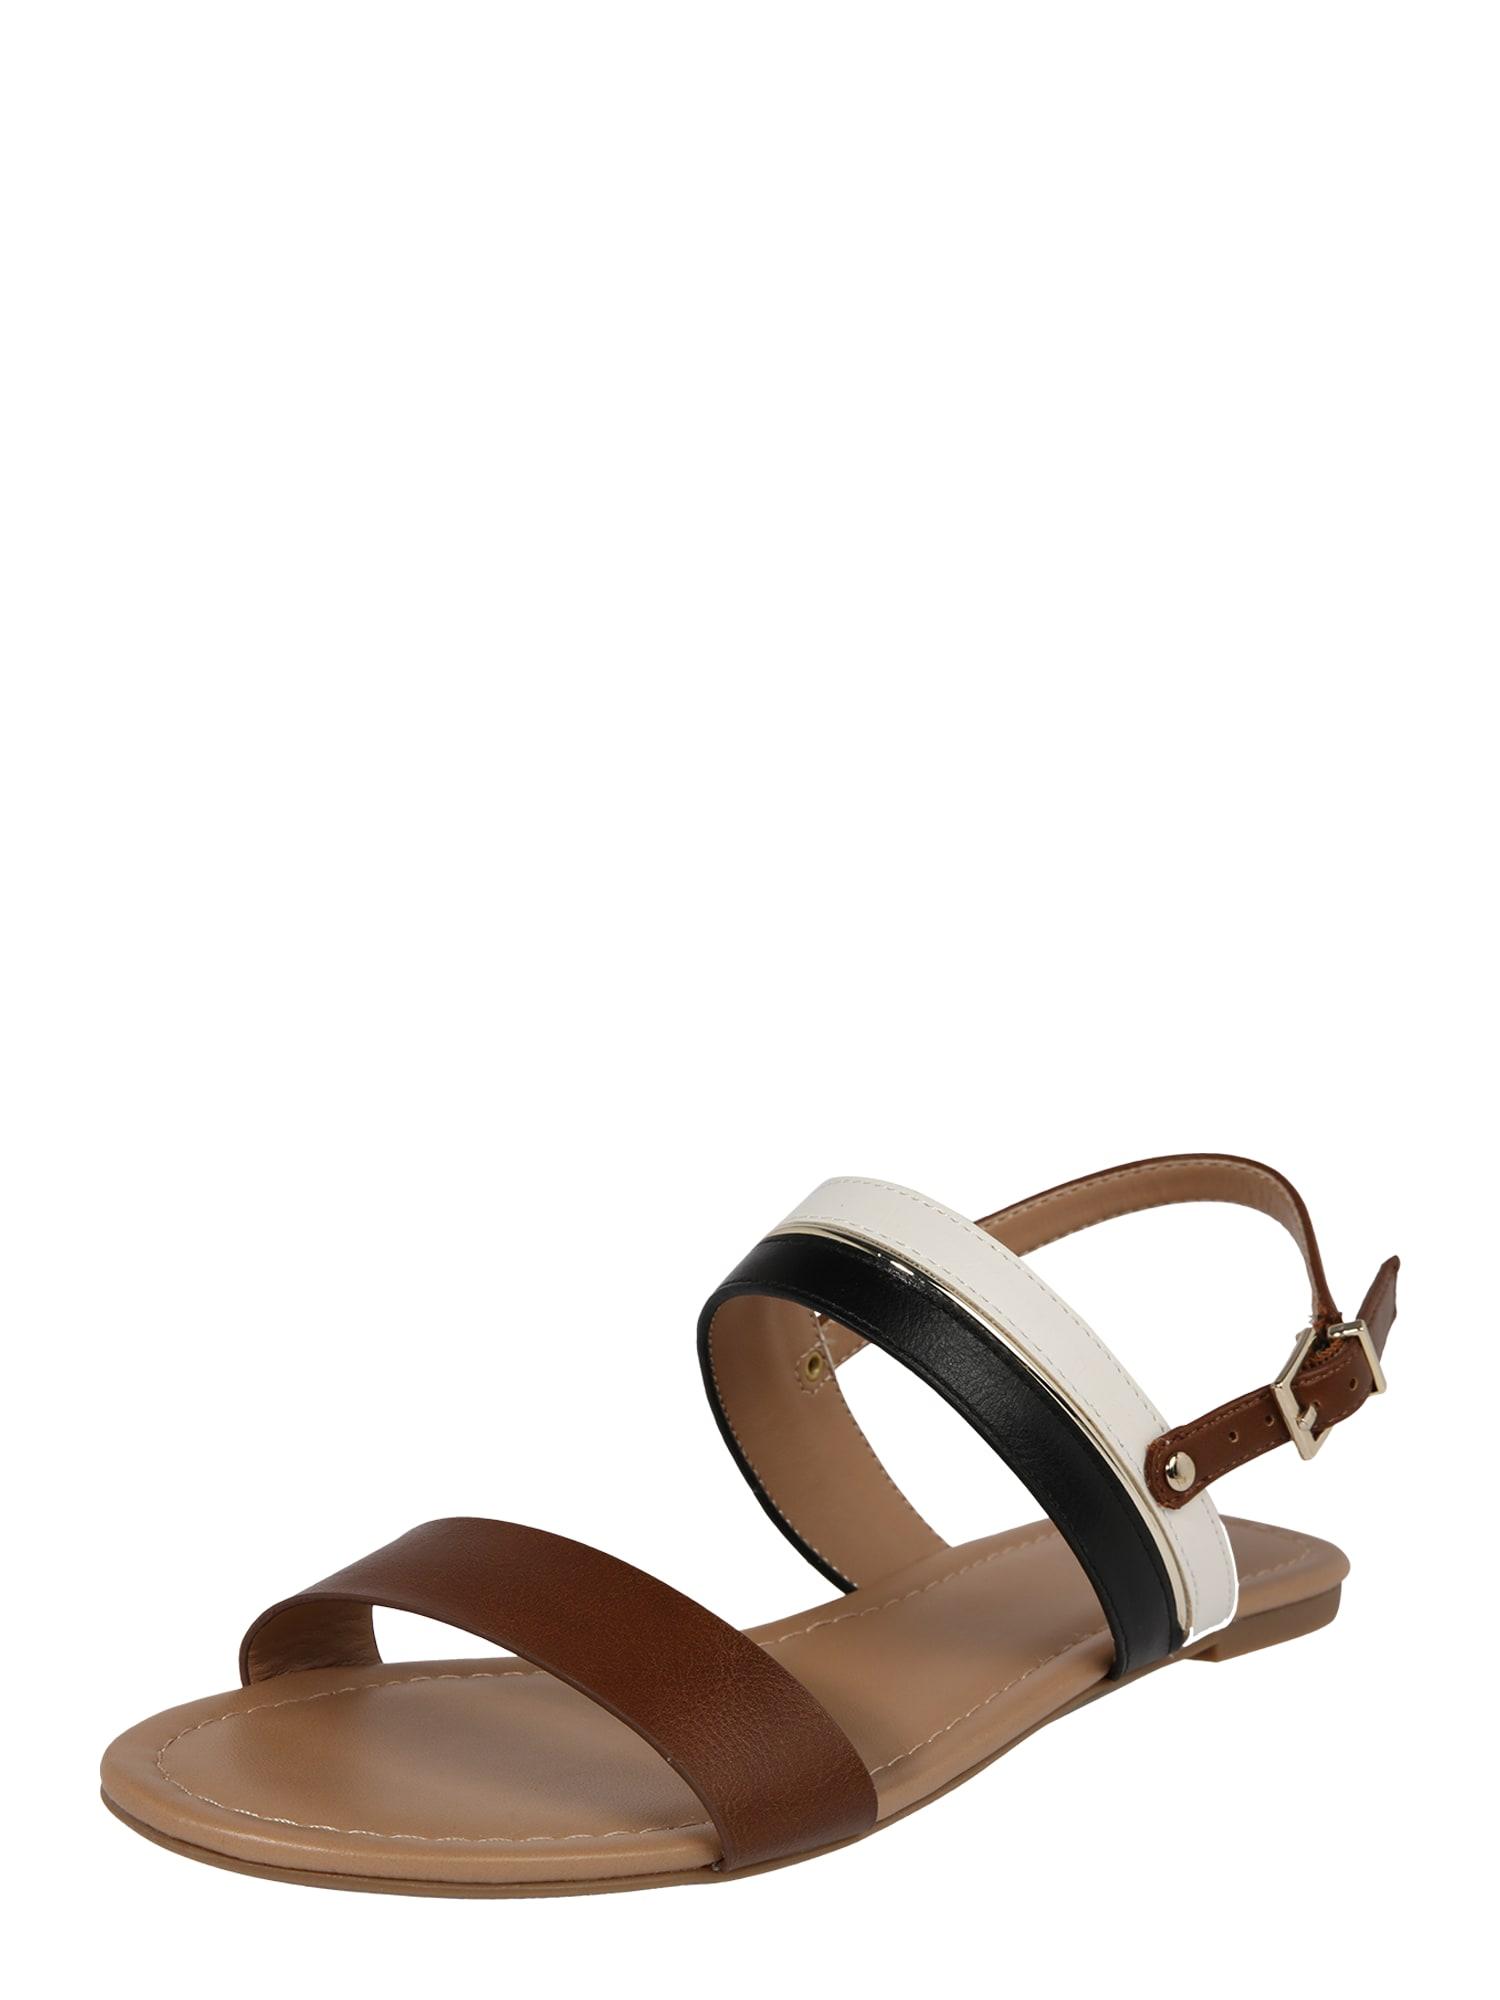 Páskové sandály VIPAVA koňaková černá bílá CALL IT SPRING